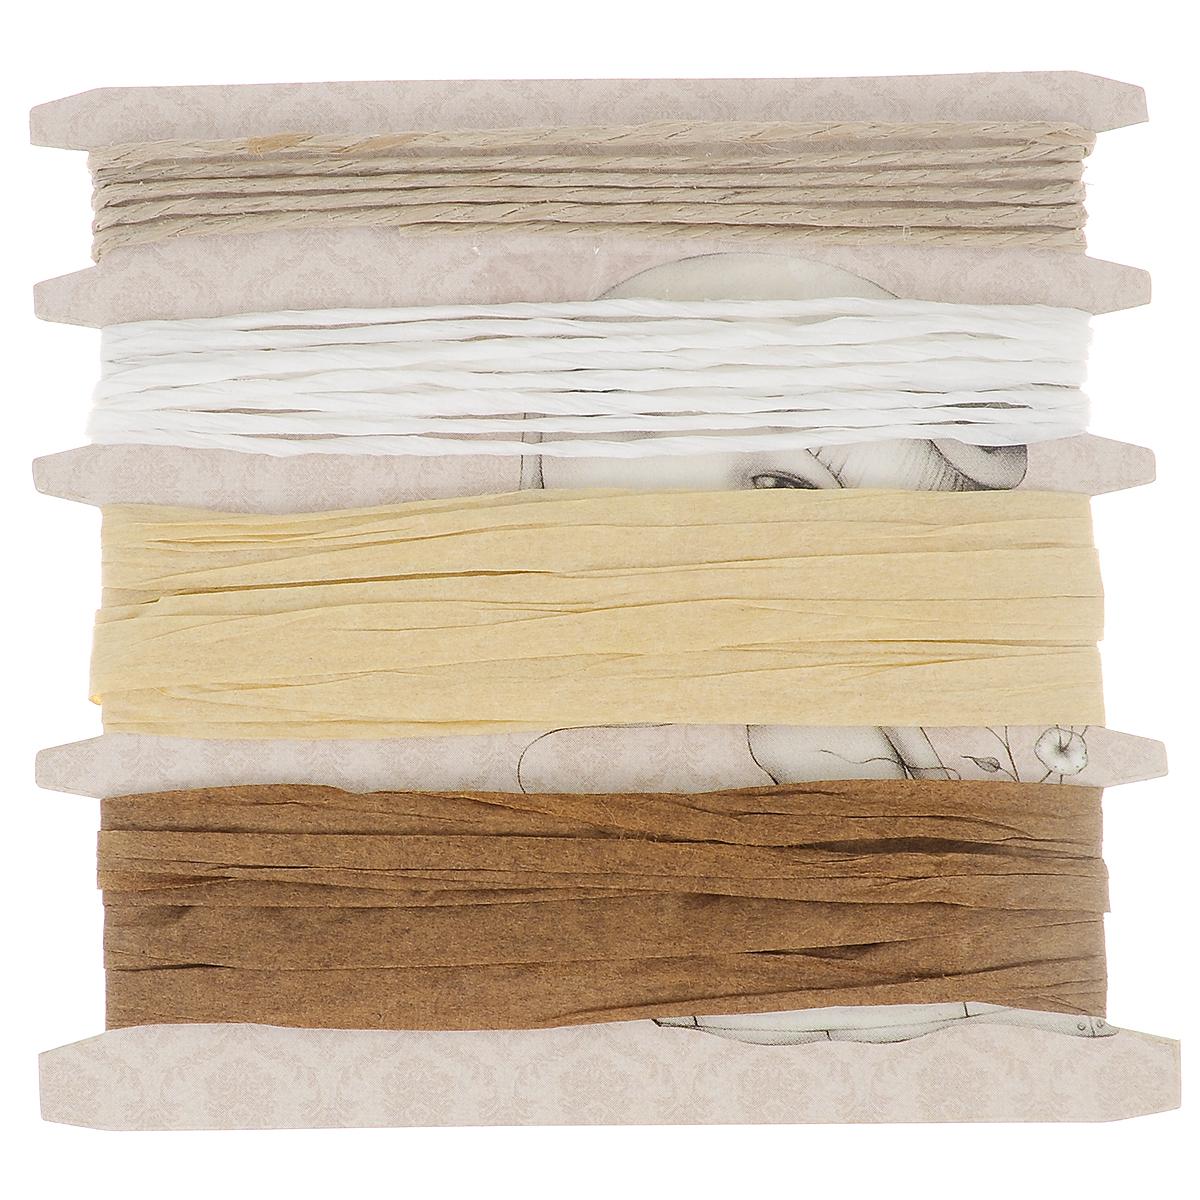 Набор жгутов и рафий Santoro London Мирабэль, 4 штSNTW002Набор жгутов и рафий Santoro London Мирабэль, изготовленный из бумаги, состоит из 2 рафий, жгута из бумаги и жгута из волокон. Набор можно использовать для упаковки подарков, оформления цветочных композиций, для работ в стиле скрапбукинг. Длина жгутов: 1 м; 2 м. Длина рафий: 1м.